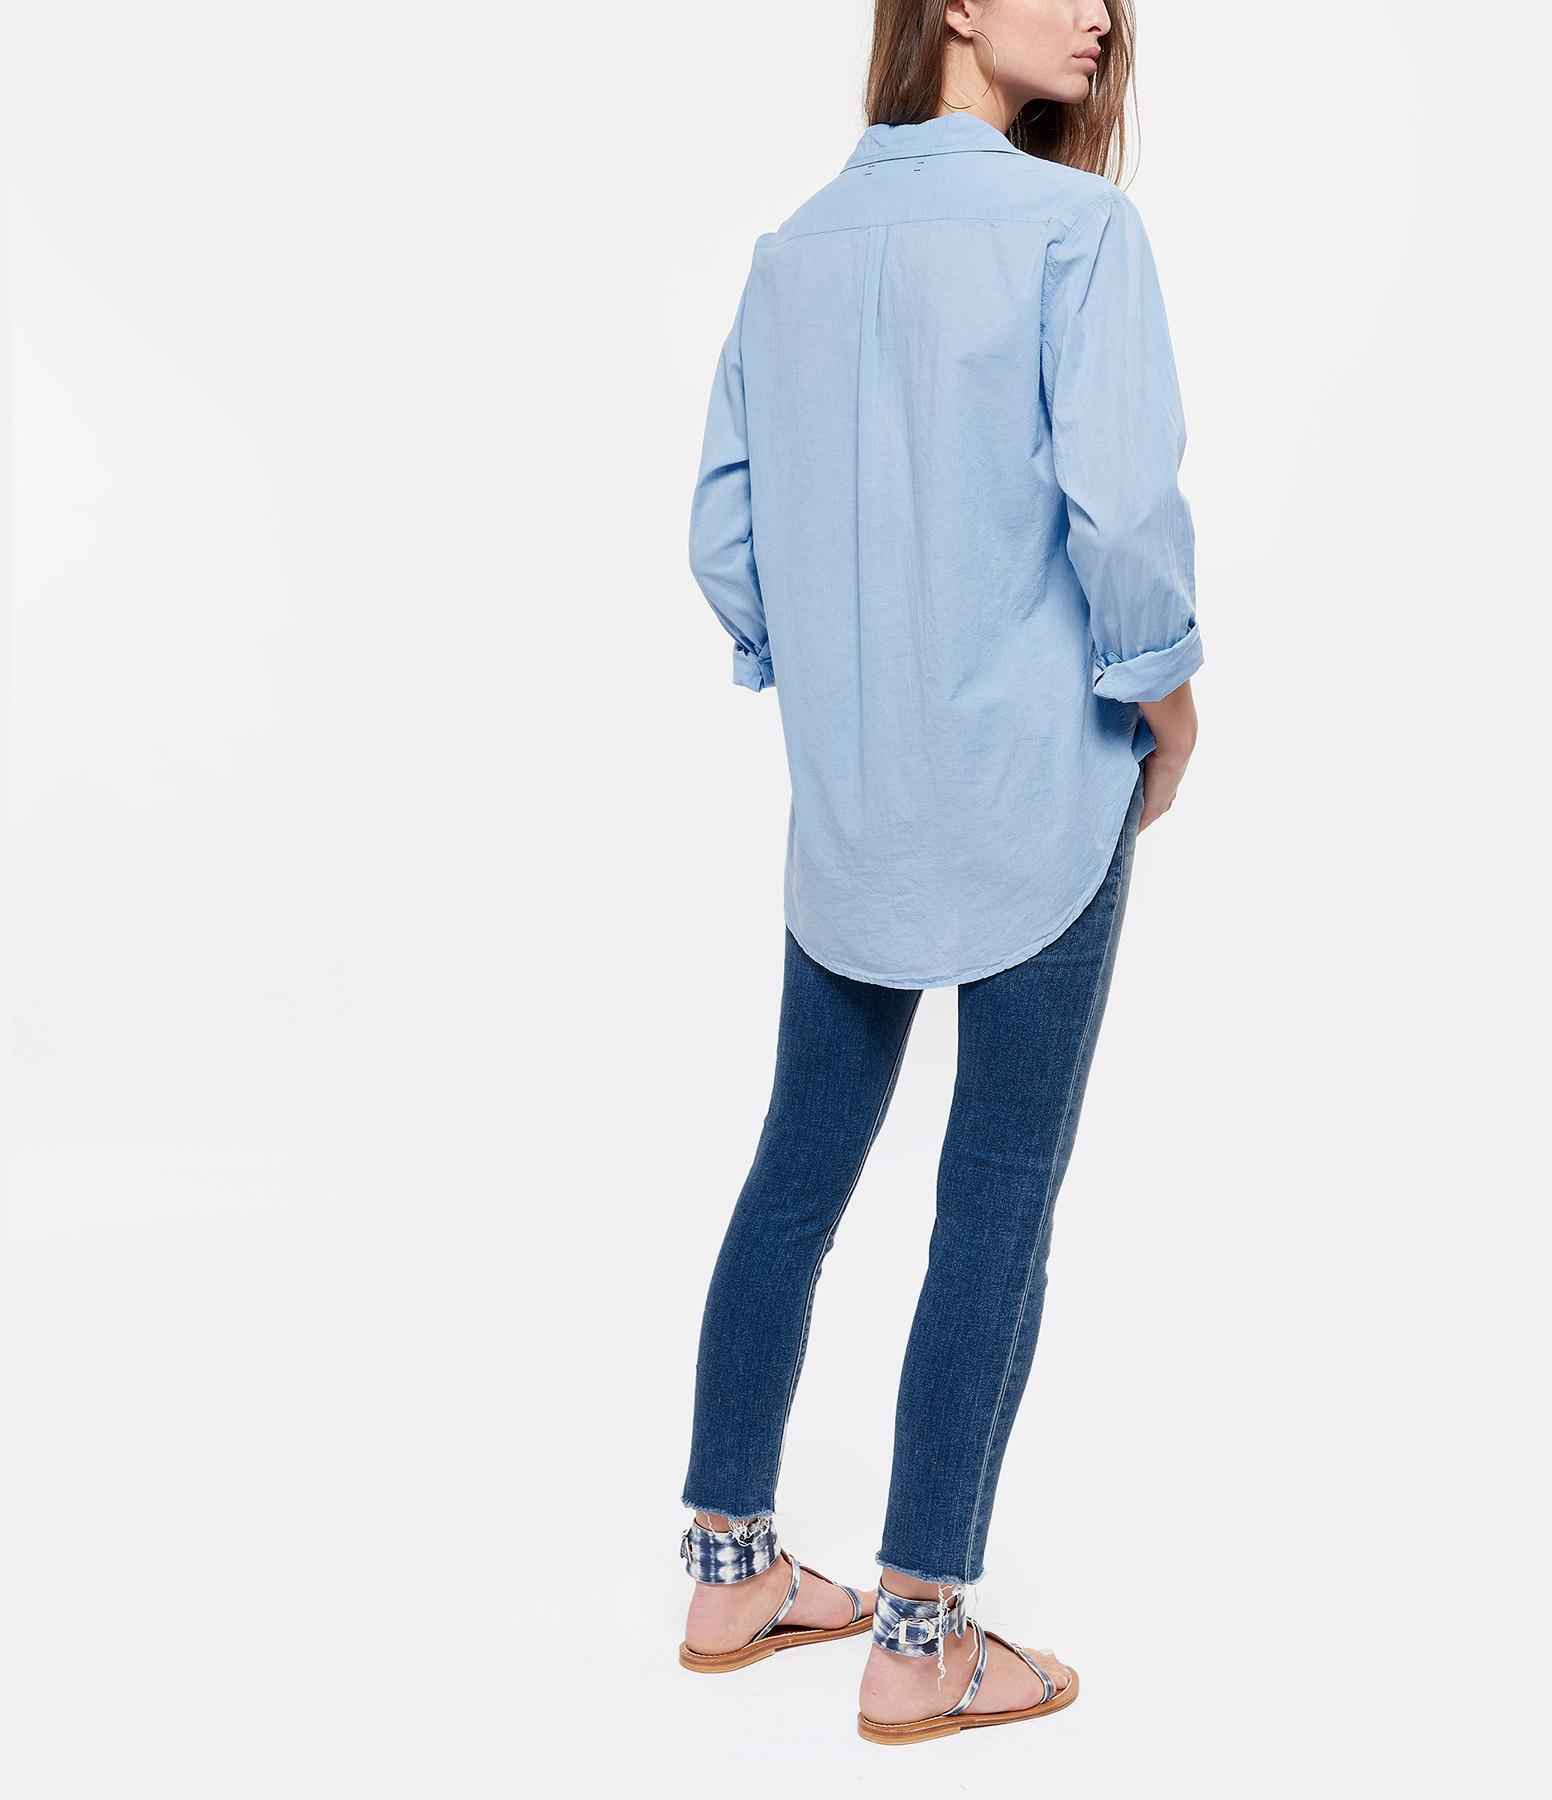 XIRENA - Chemise Beau Coton Bleu Croisière